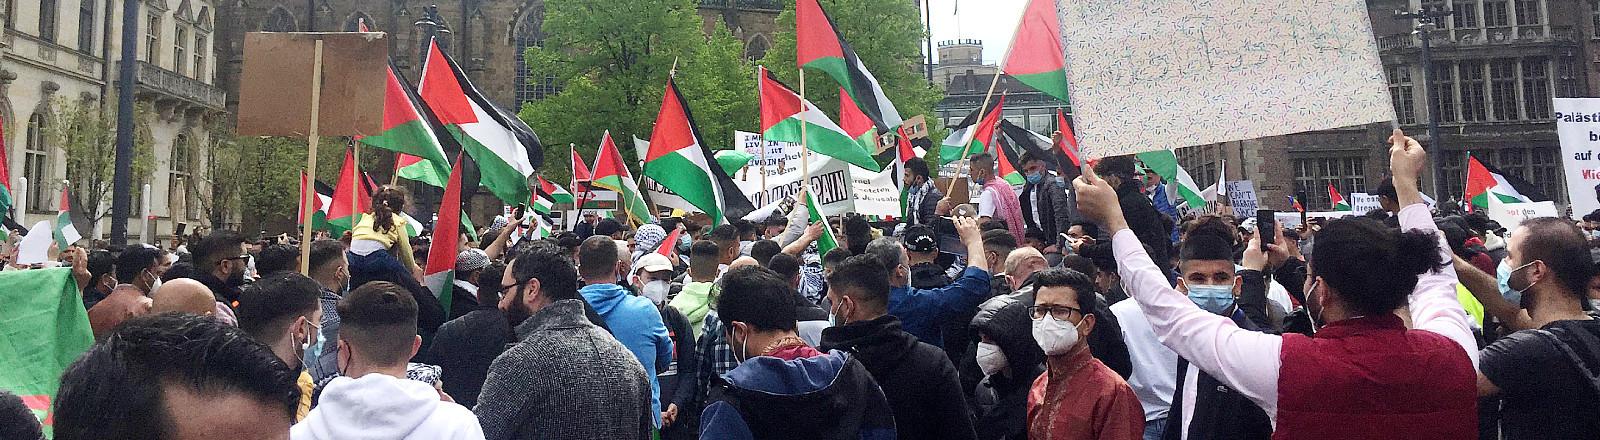 Mit Sprechchören und Palästina-Flaggen demonstriertenam 13.05.2021 rund 1500 Menschen in Bremen auf dem Domshof gegen Israels Politik.